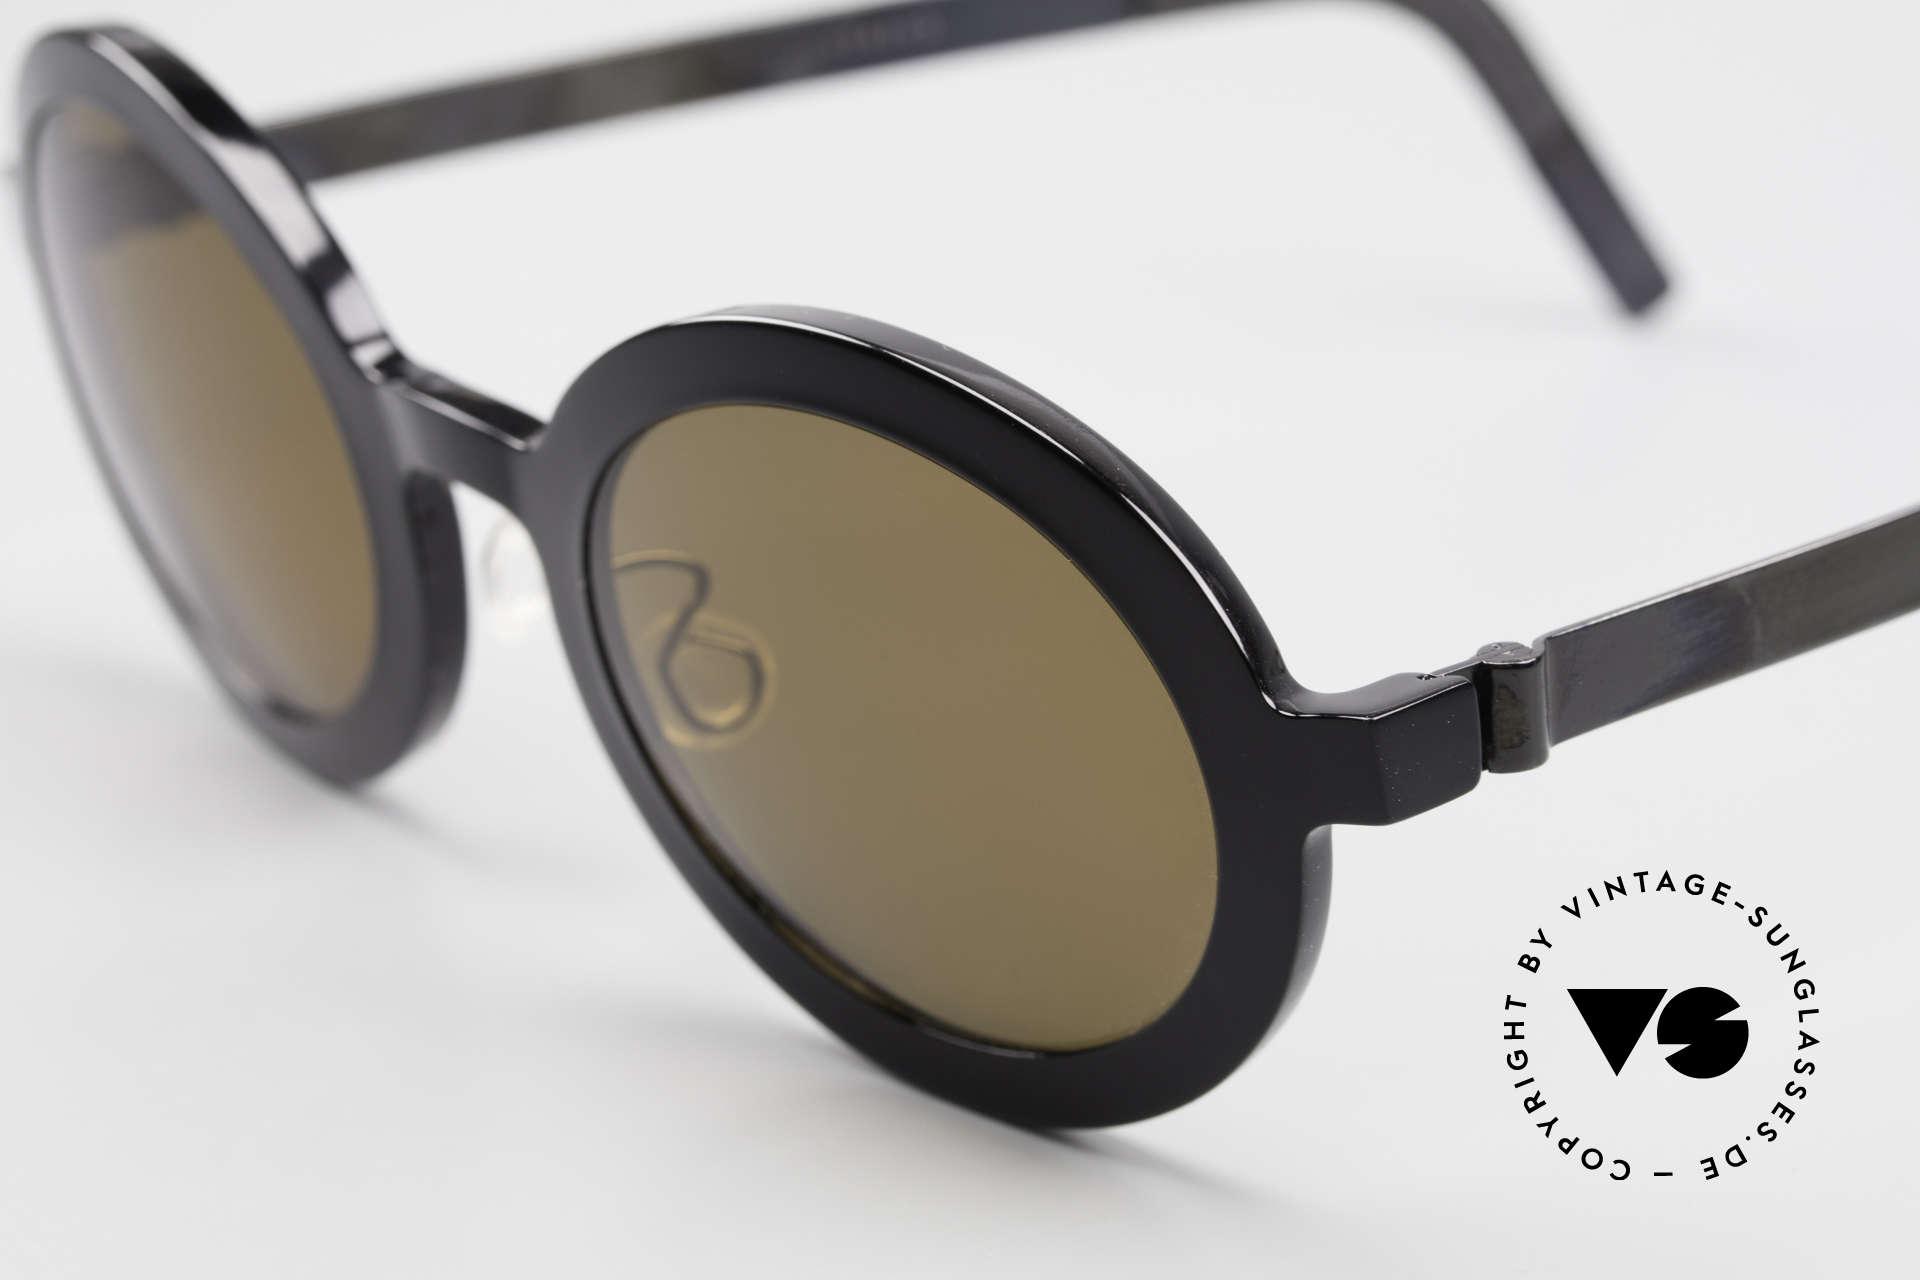 """Lindberg 8570 Acetanium Runde Sonnenbrille Unisex Oval, so zeitlos, stilvoll und innovativ = Prädikat """"VINTAGE"""", Passend für Herren und Damen"""